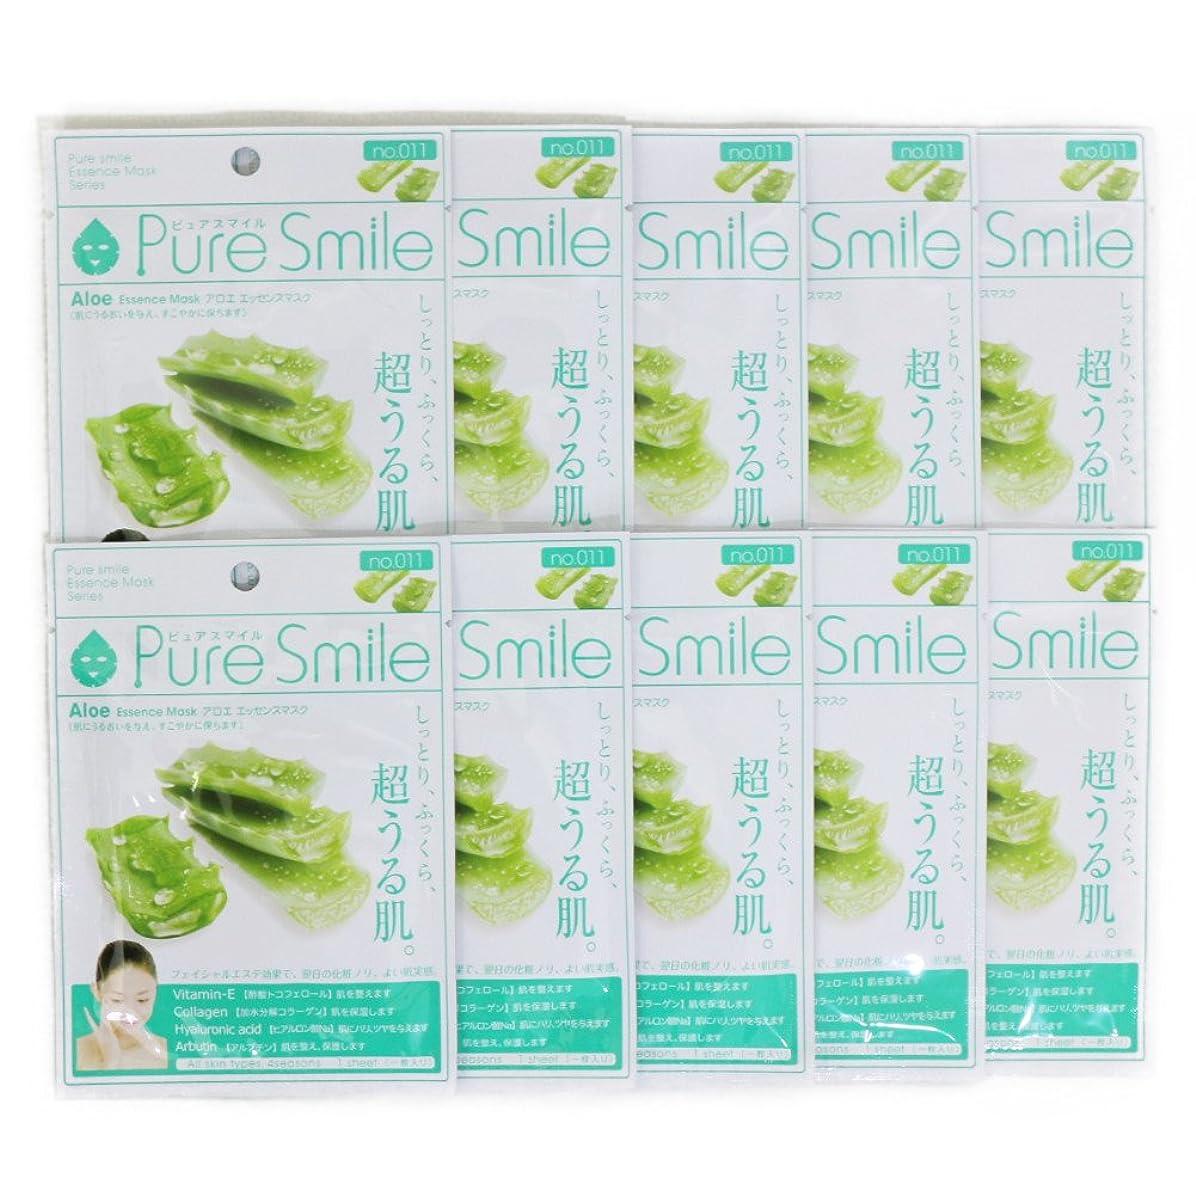 生息地ハロウィン言い直すPure Smile ピュアスマイル エッセンスマスク アロエ 10枚セット